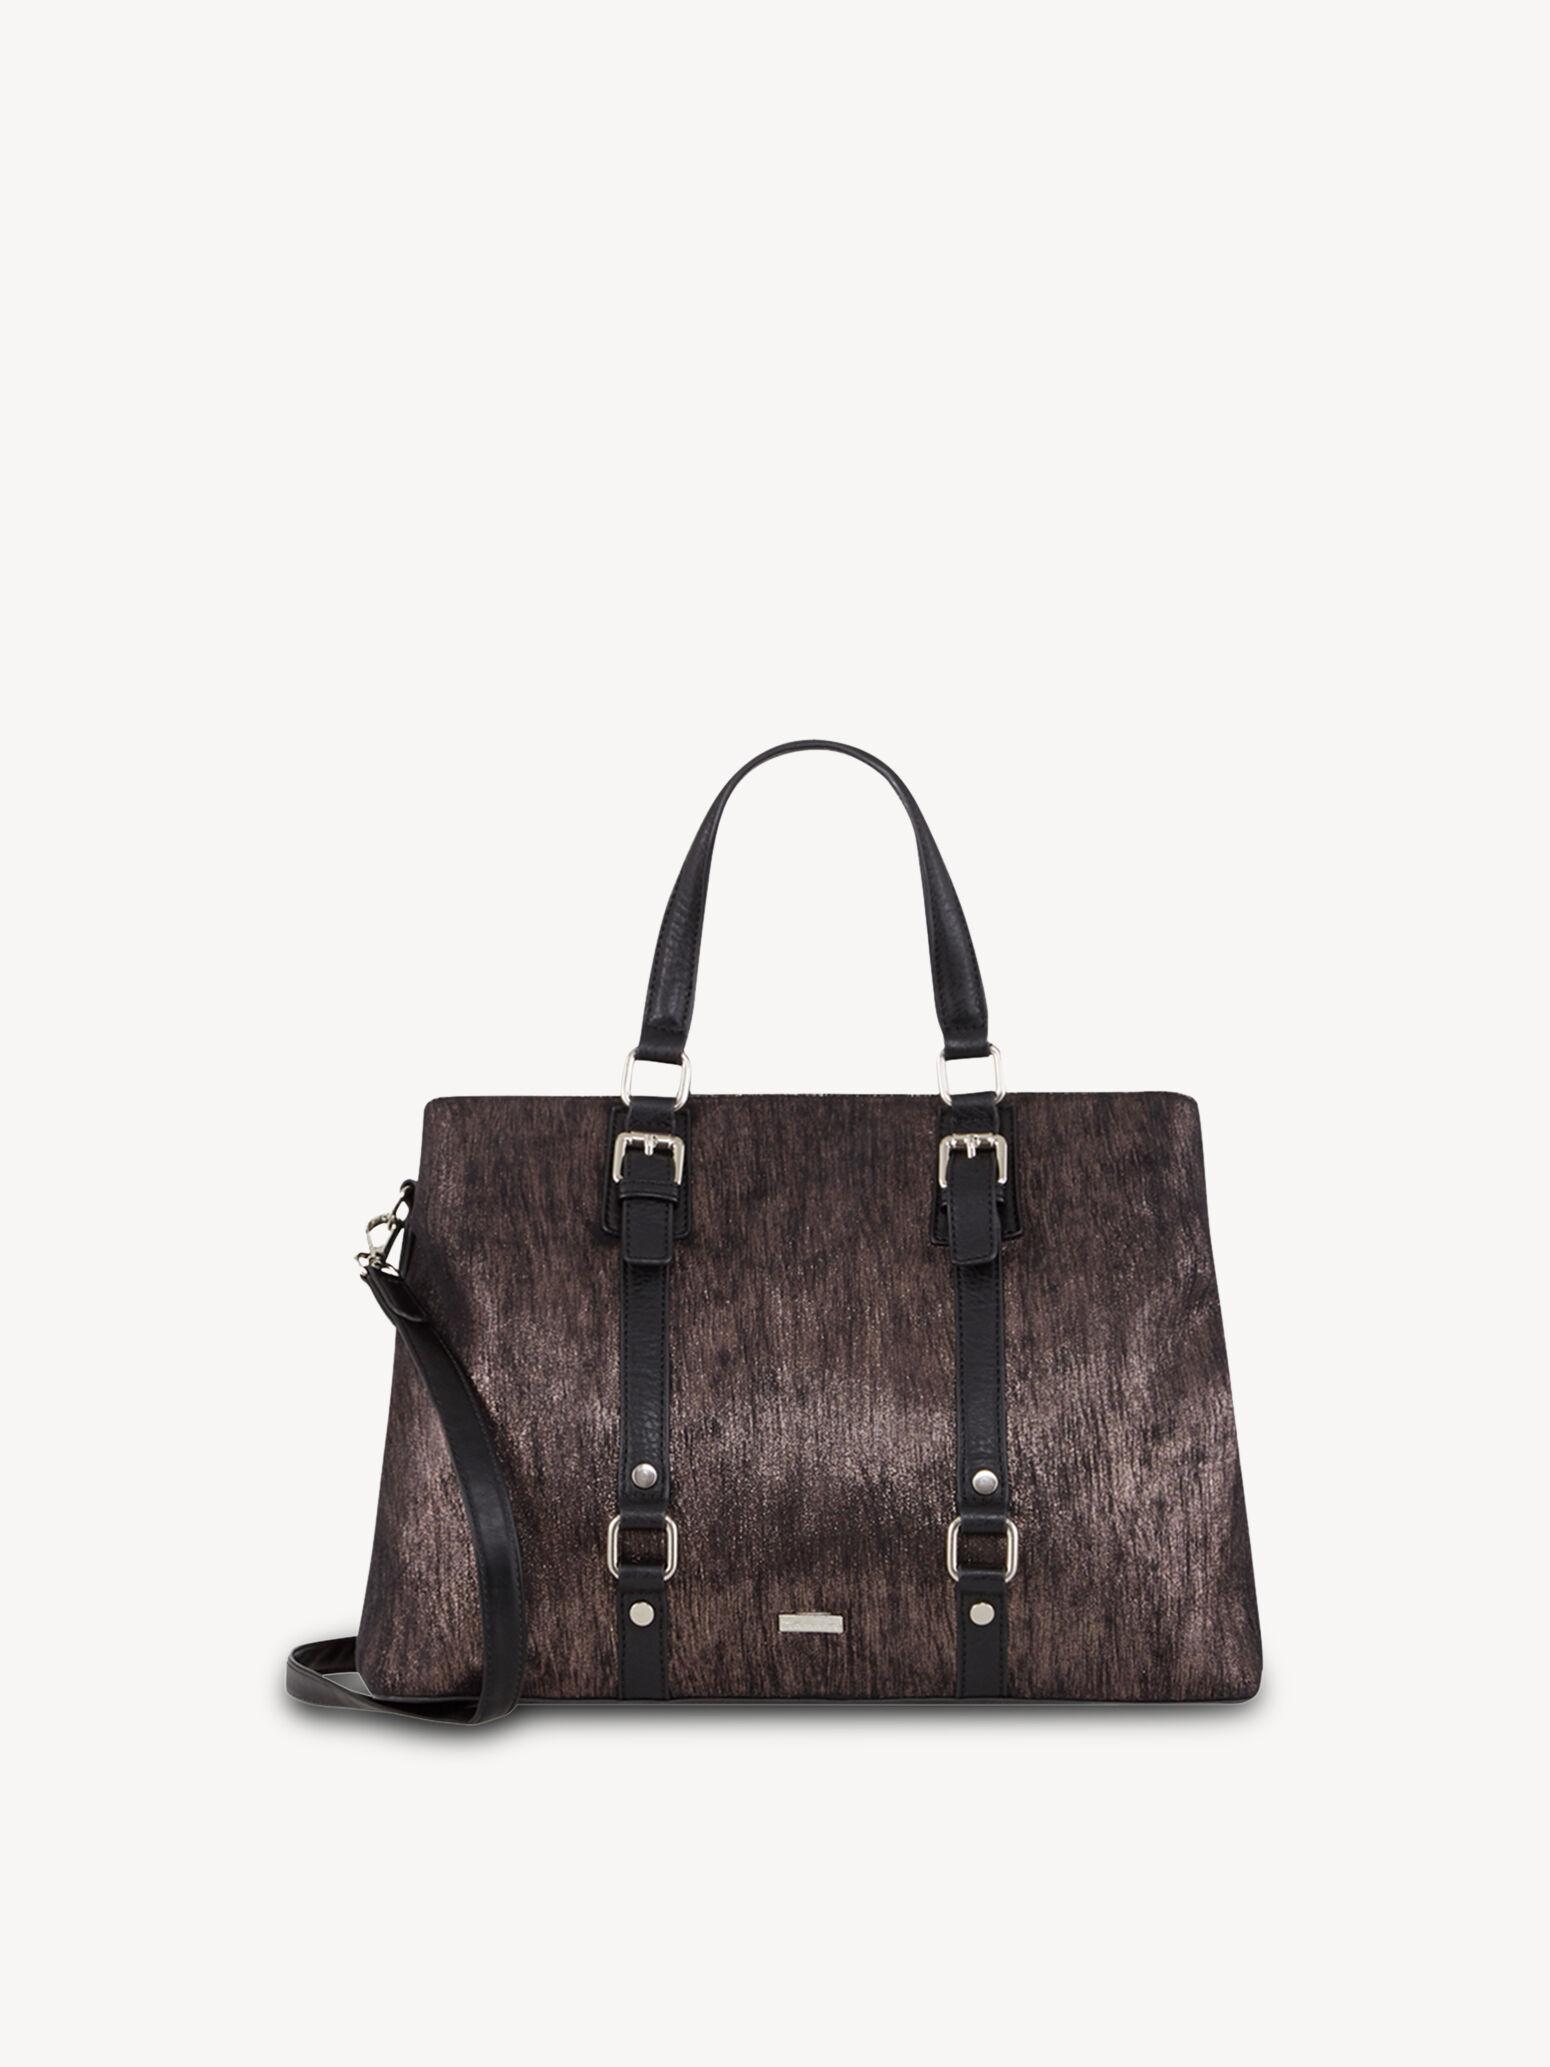 Tamaris Handtaschen jetzt online kaufen!